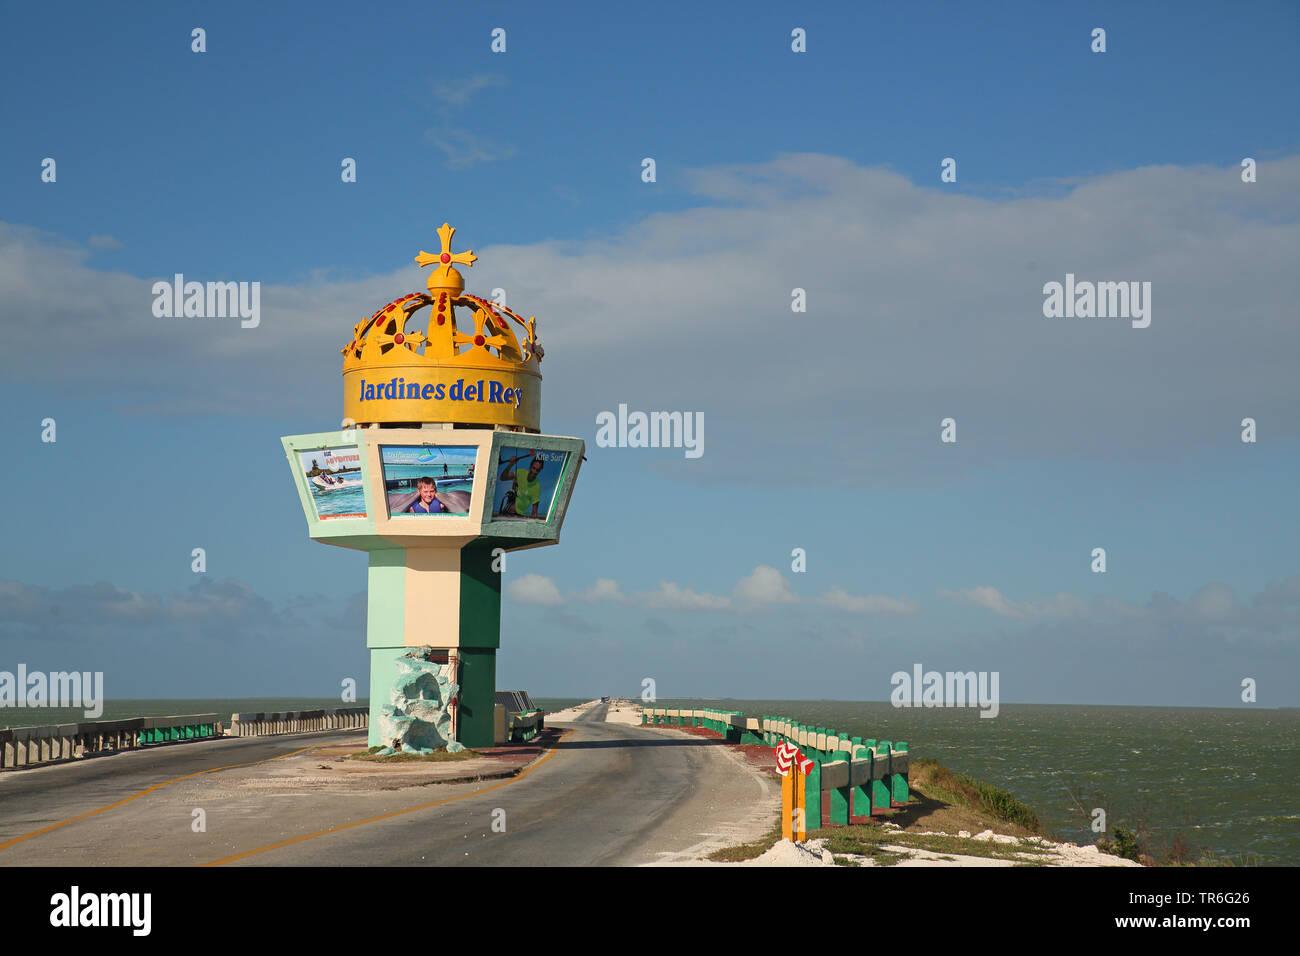 Jardines del Rey, causeway linking Cayo Coco to the mainland across Perros Bay, Cuba, Jardines del Rey Stock Photo